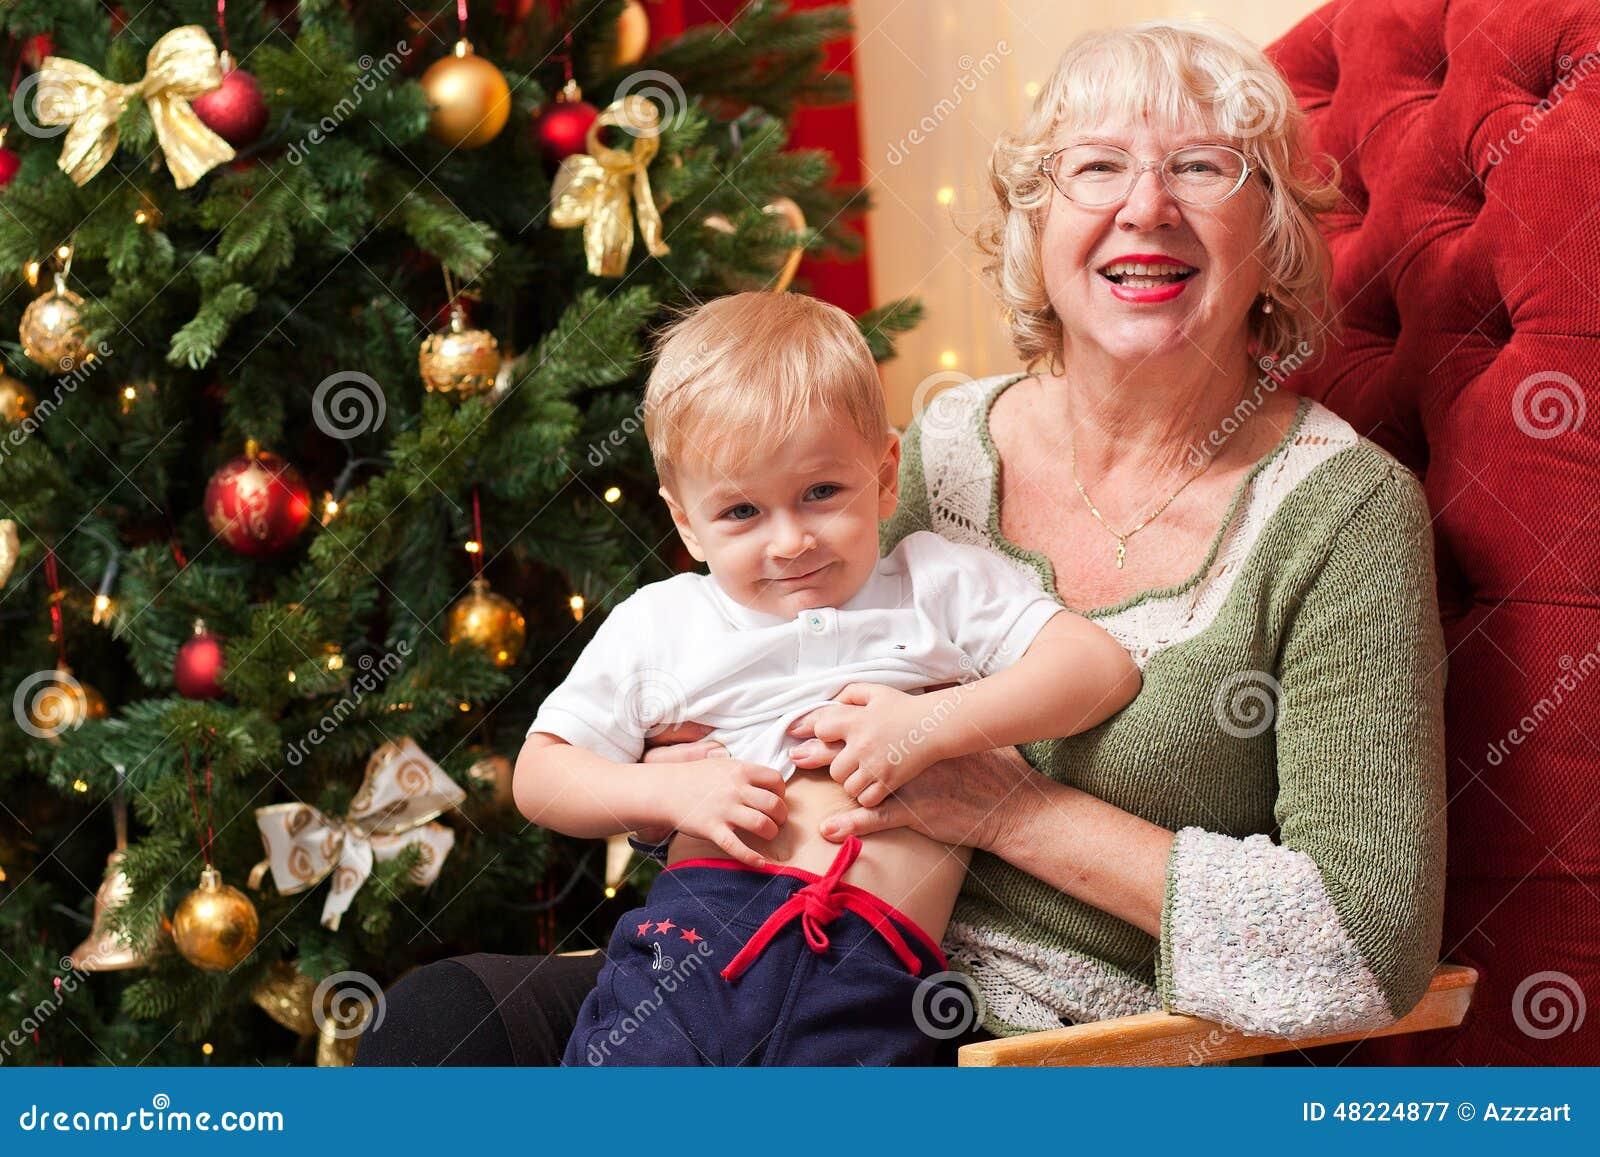 Бабка и внук бесплатно фото 273-633